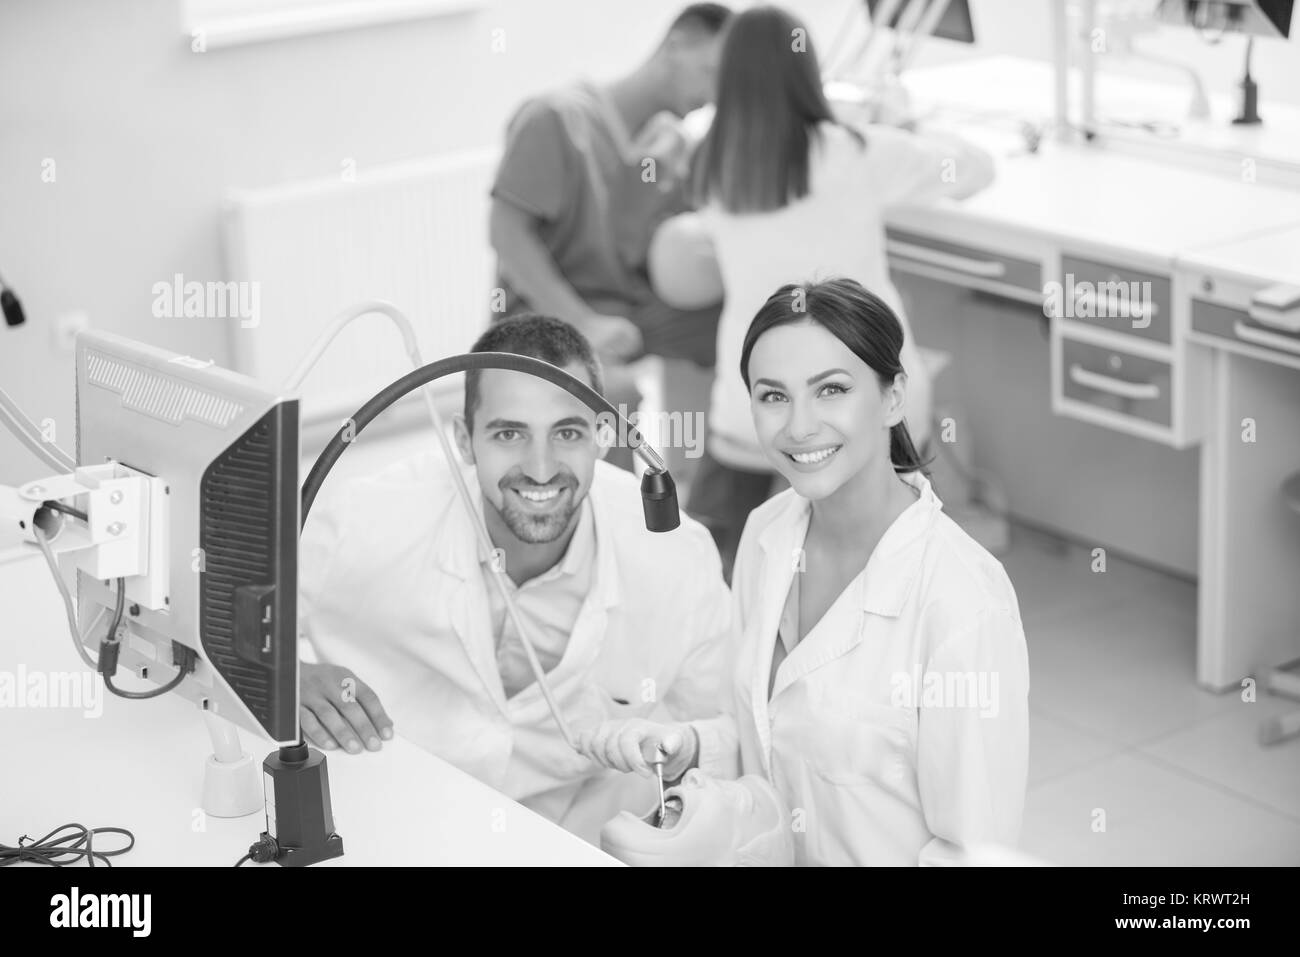 Dentaduras, higiene oral. Prótesis de manos mientras trabajaba en la dentadura, dientes postizos, un estudio y una mesa con herramientas dentales. Foto de stock